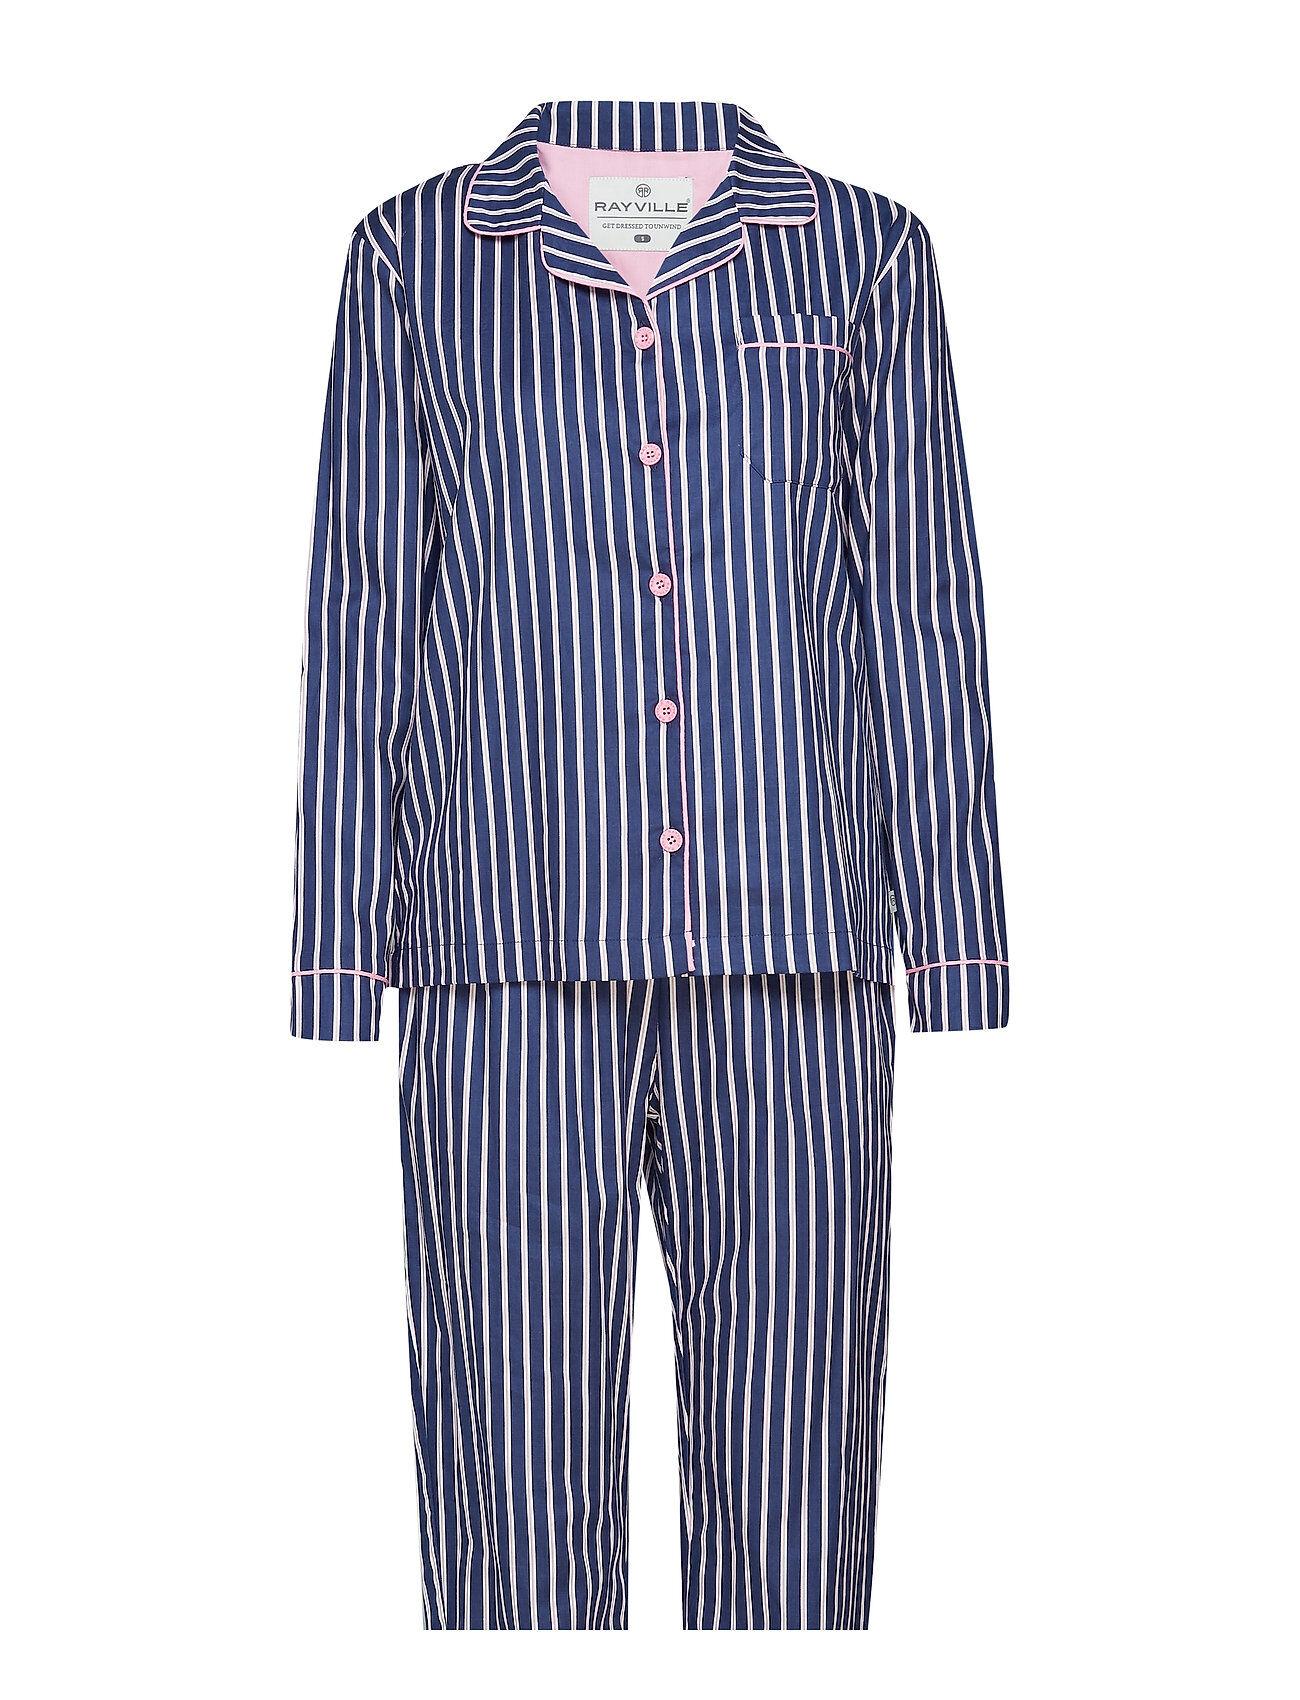 Rayville Debbie Pyjamas Pencil Stripe